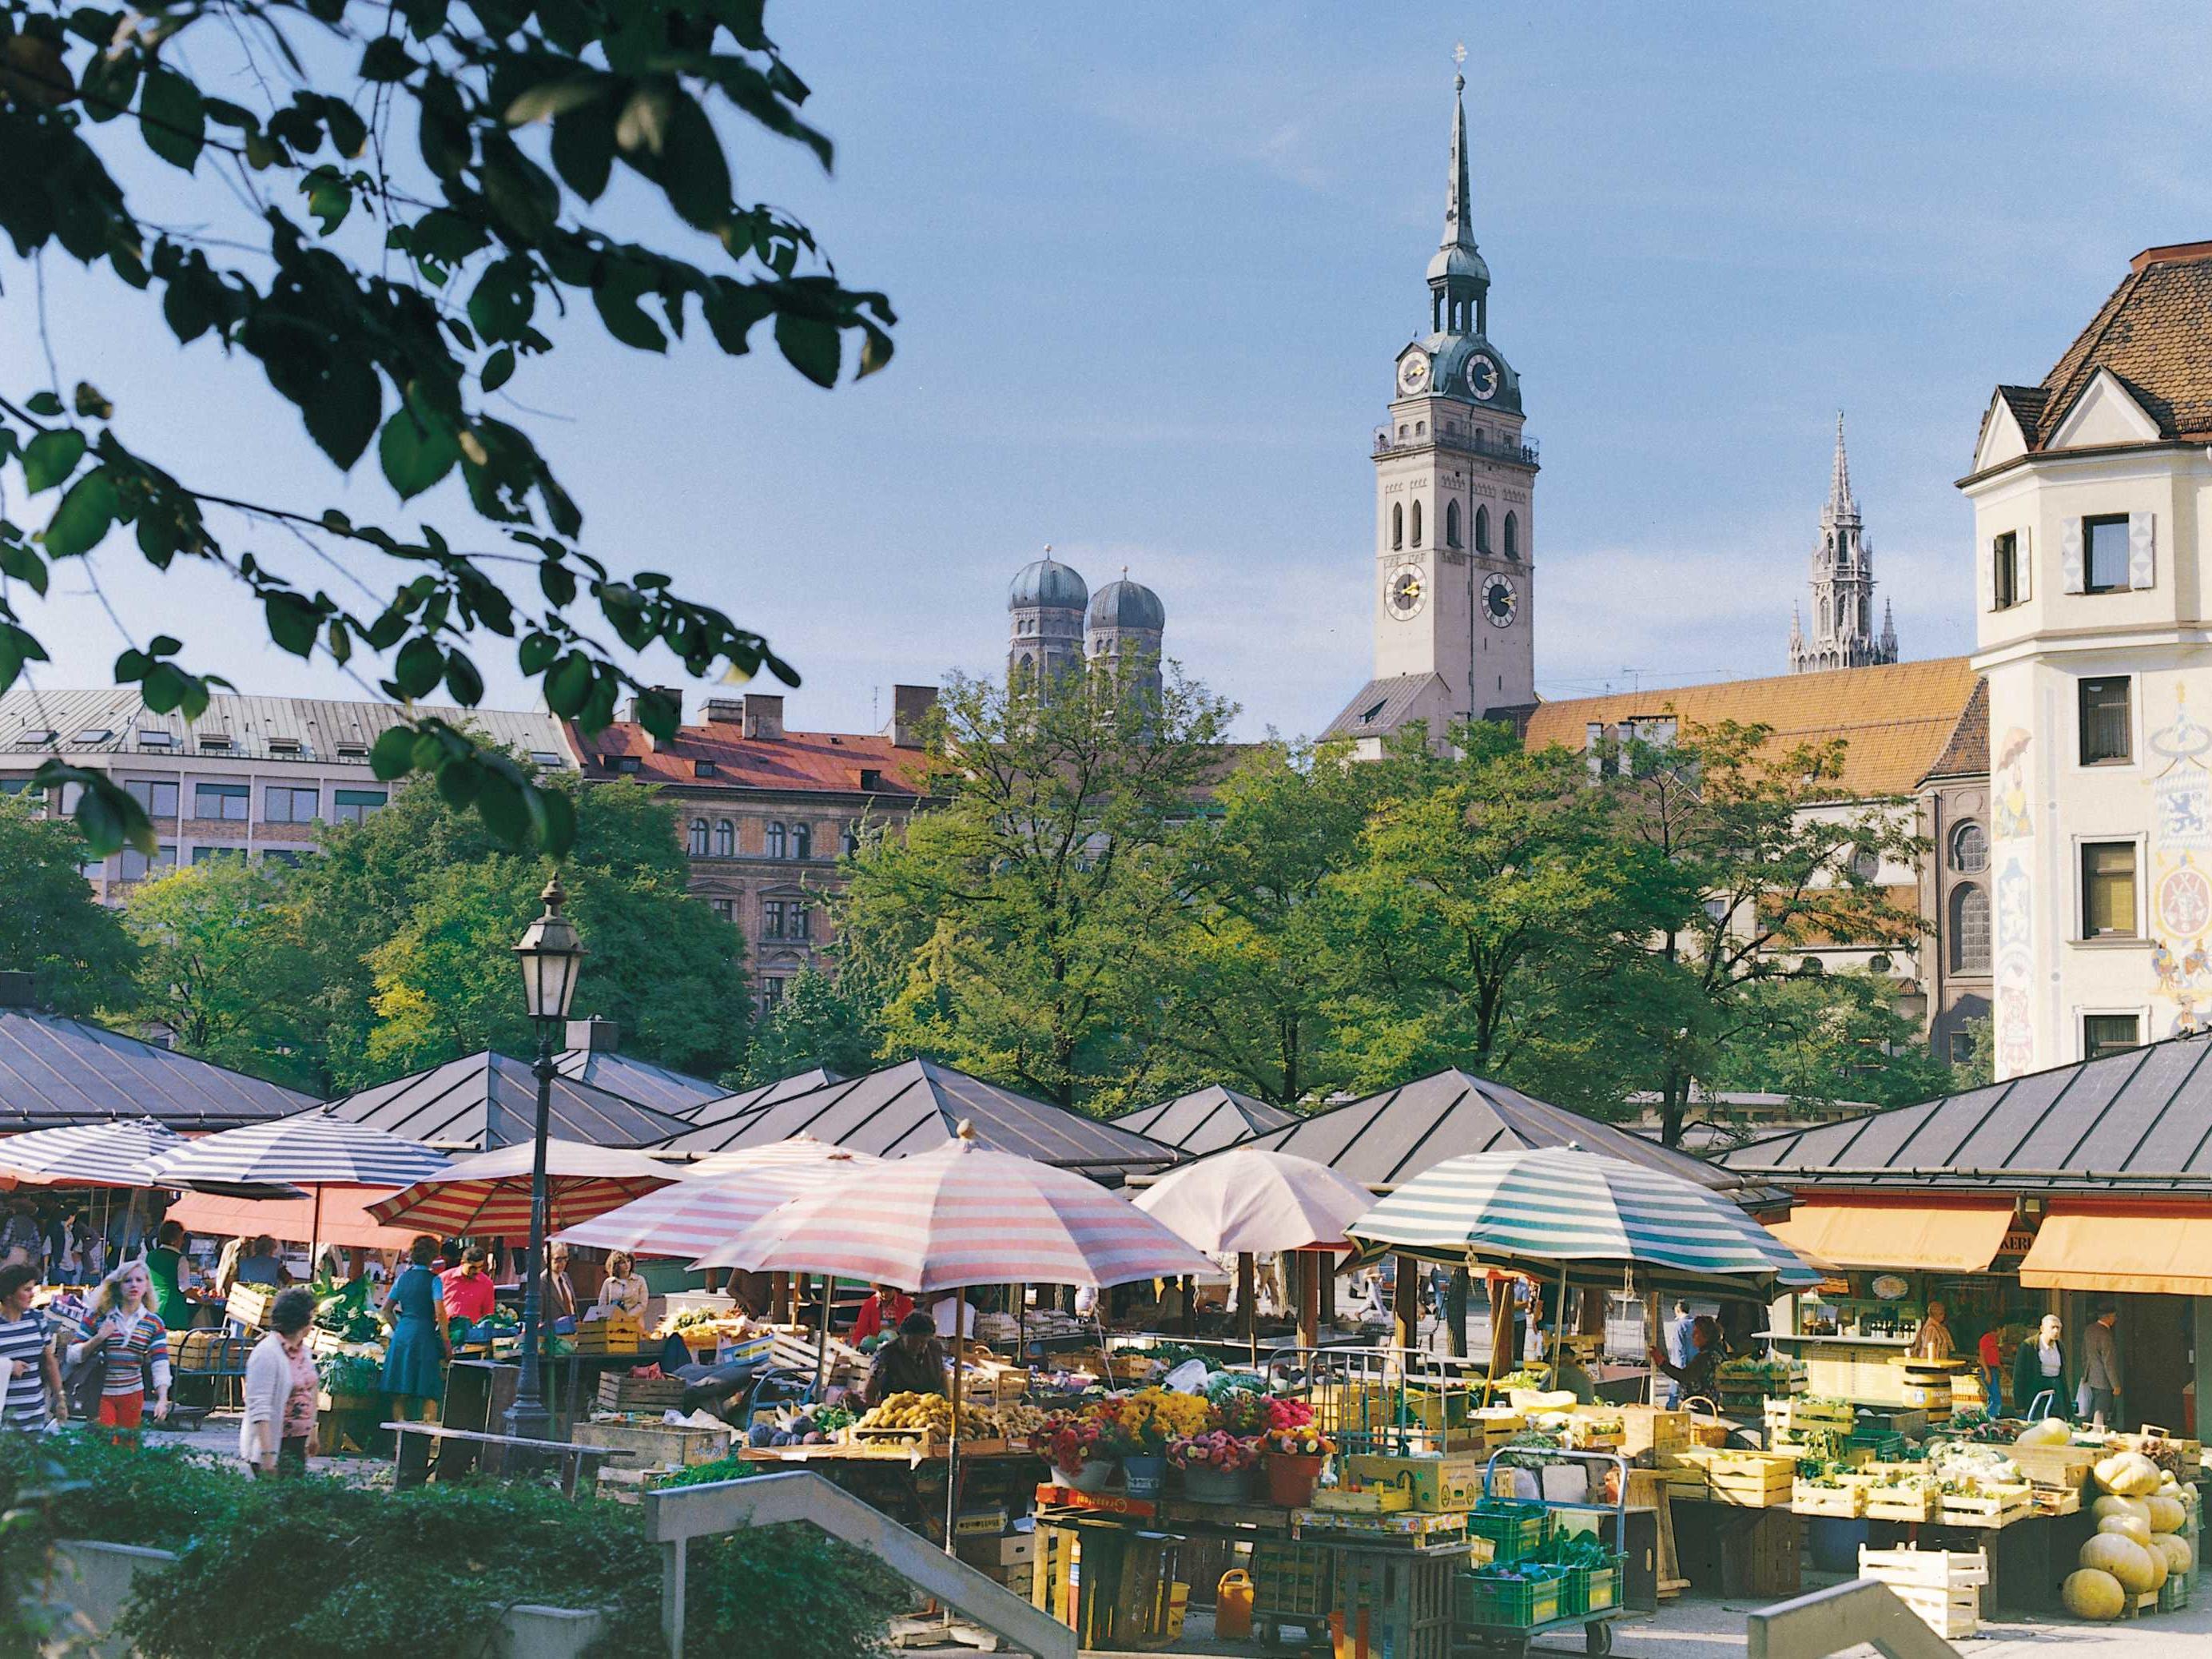 Summer in Munich